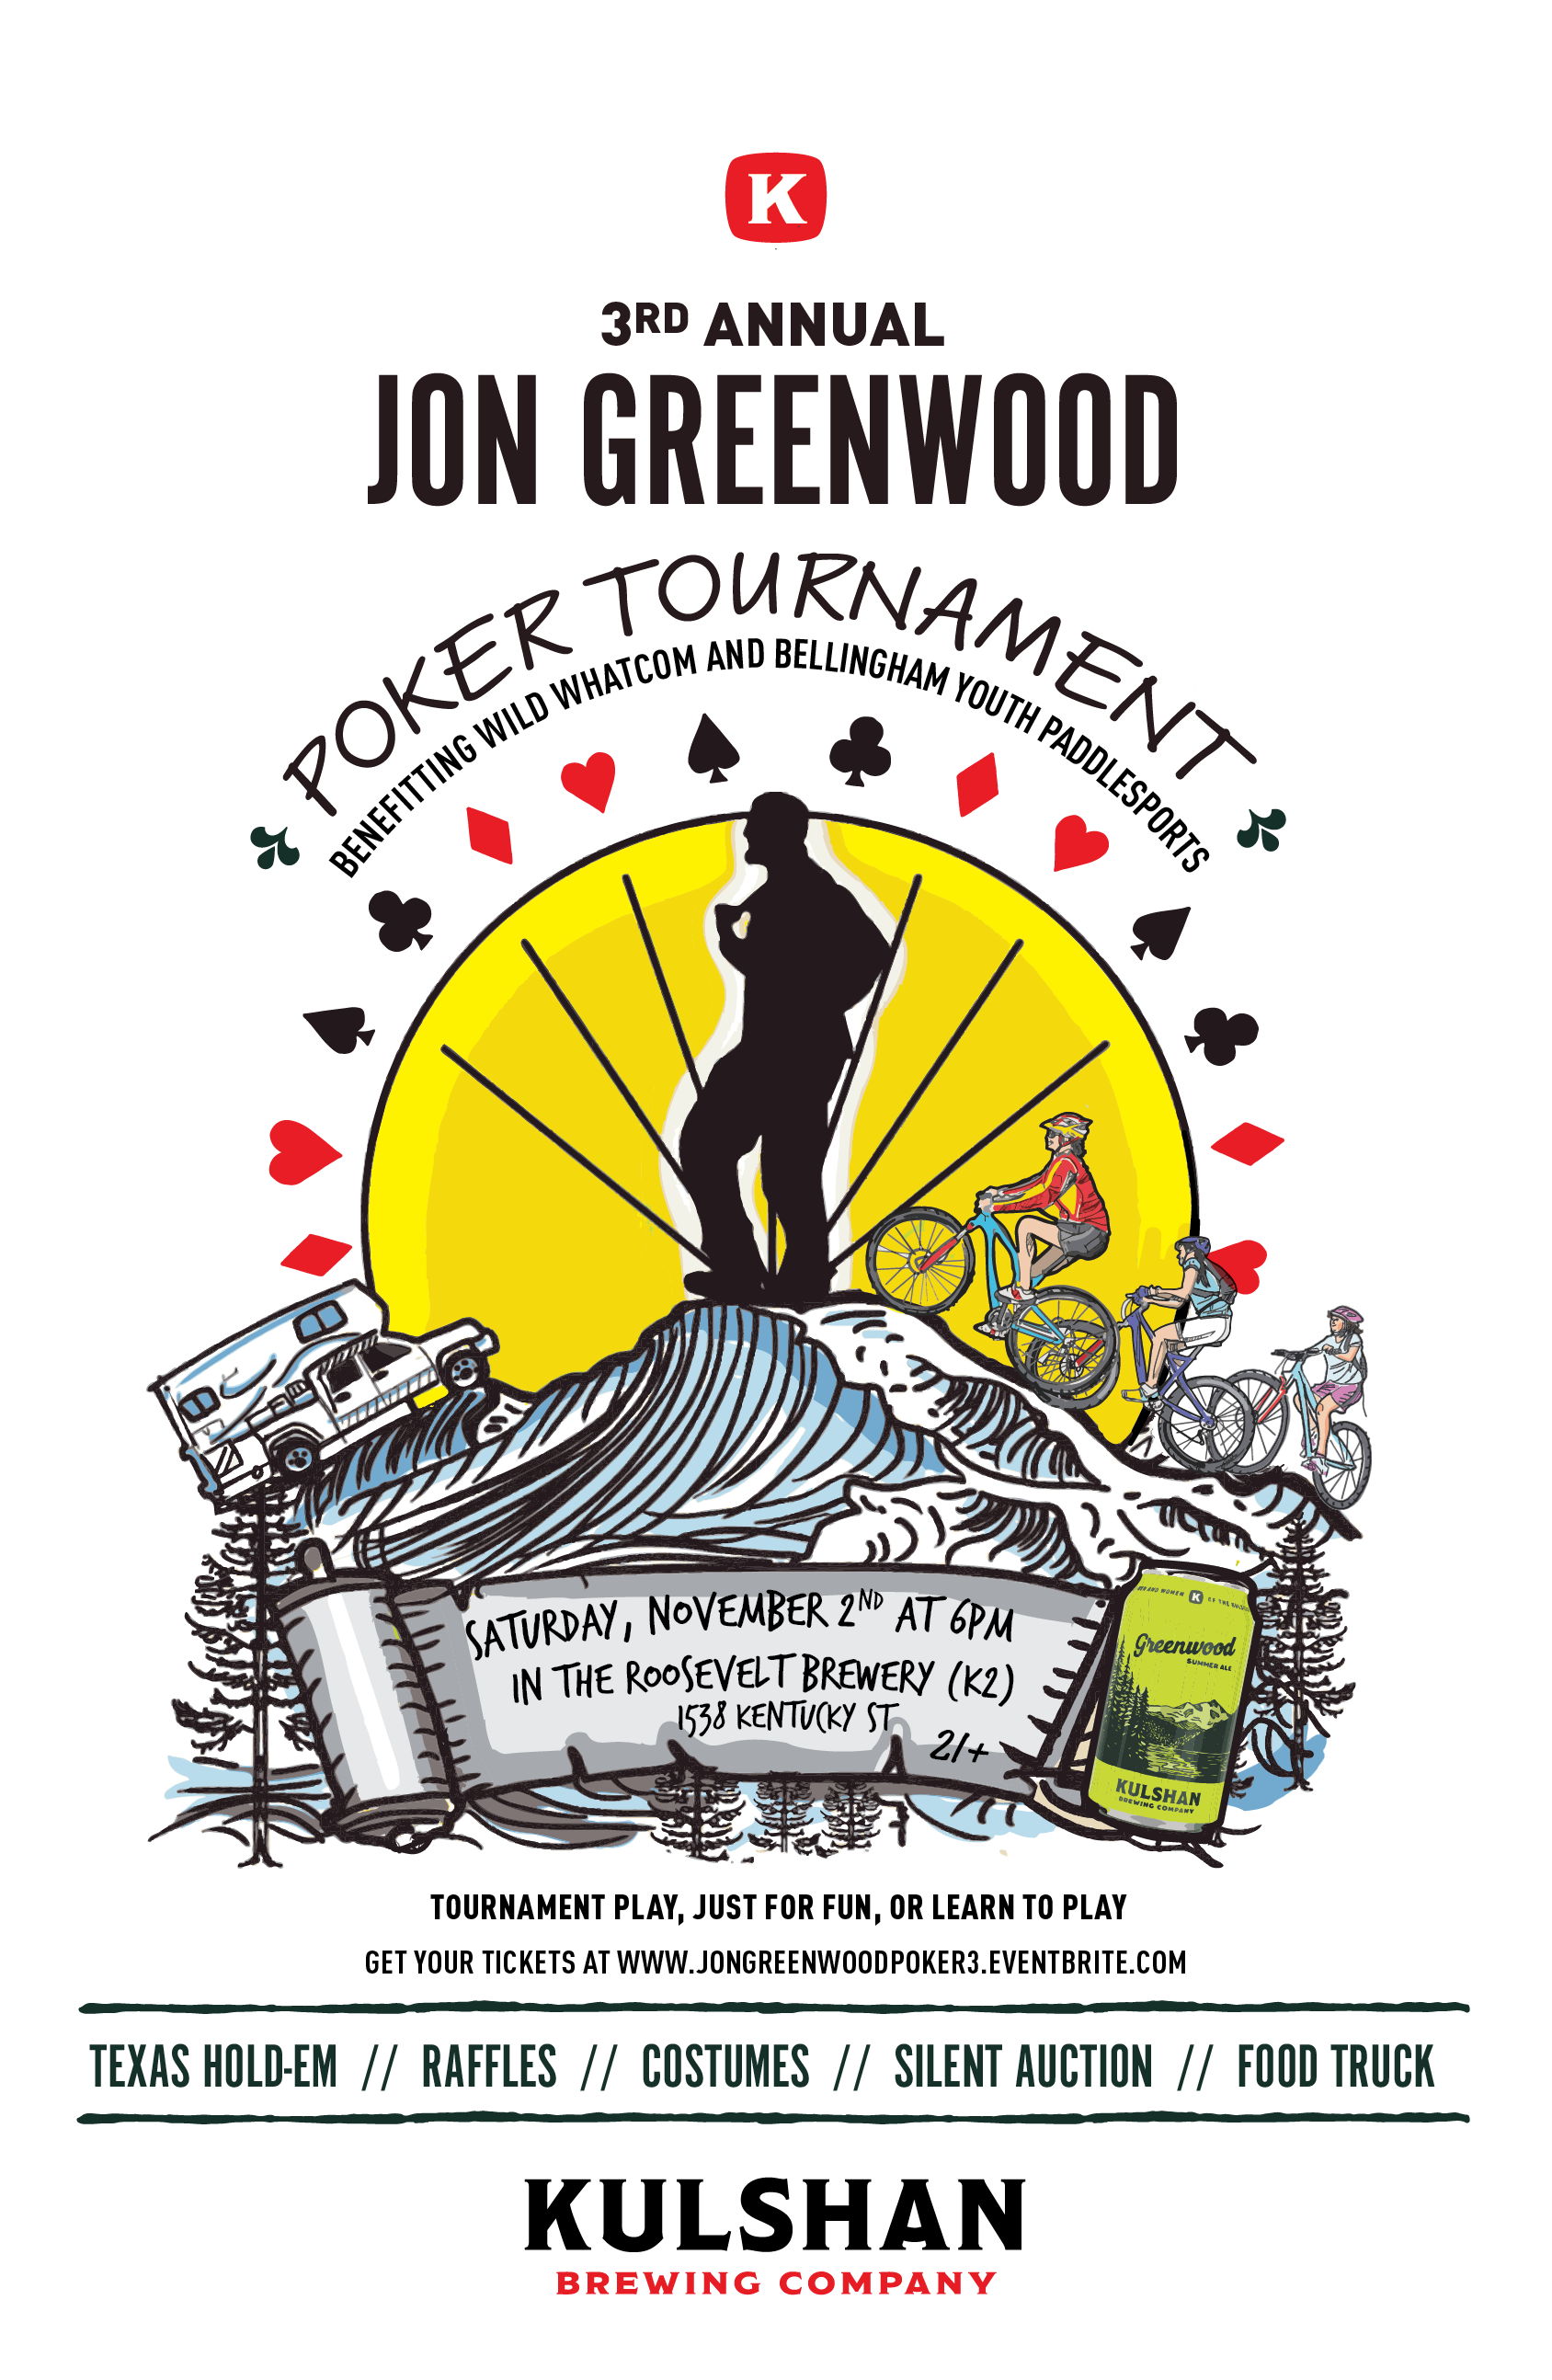 GreenwoodPokerTournament_2019.png